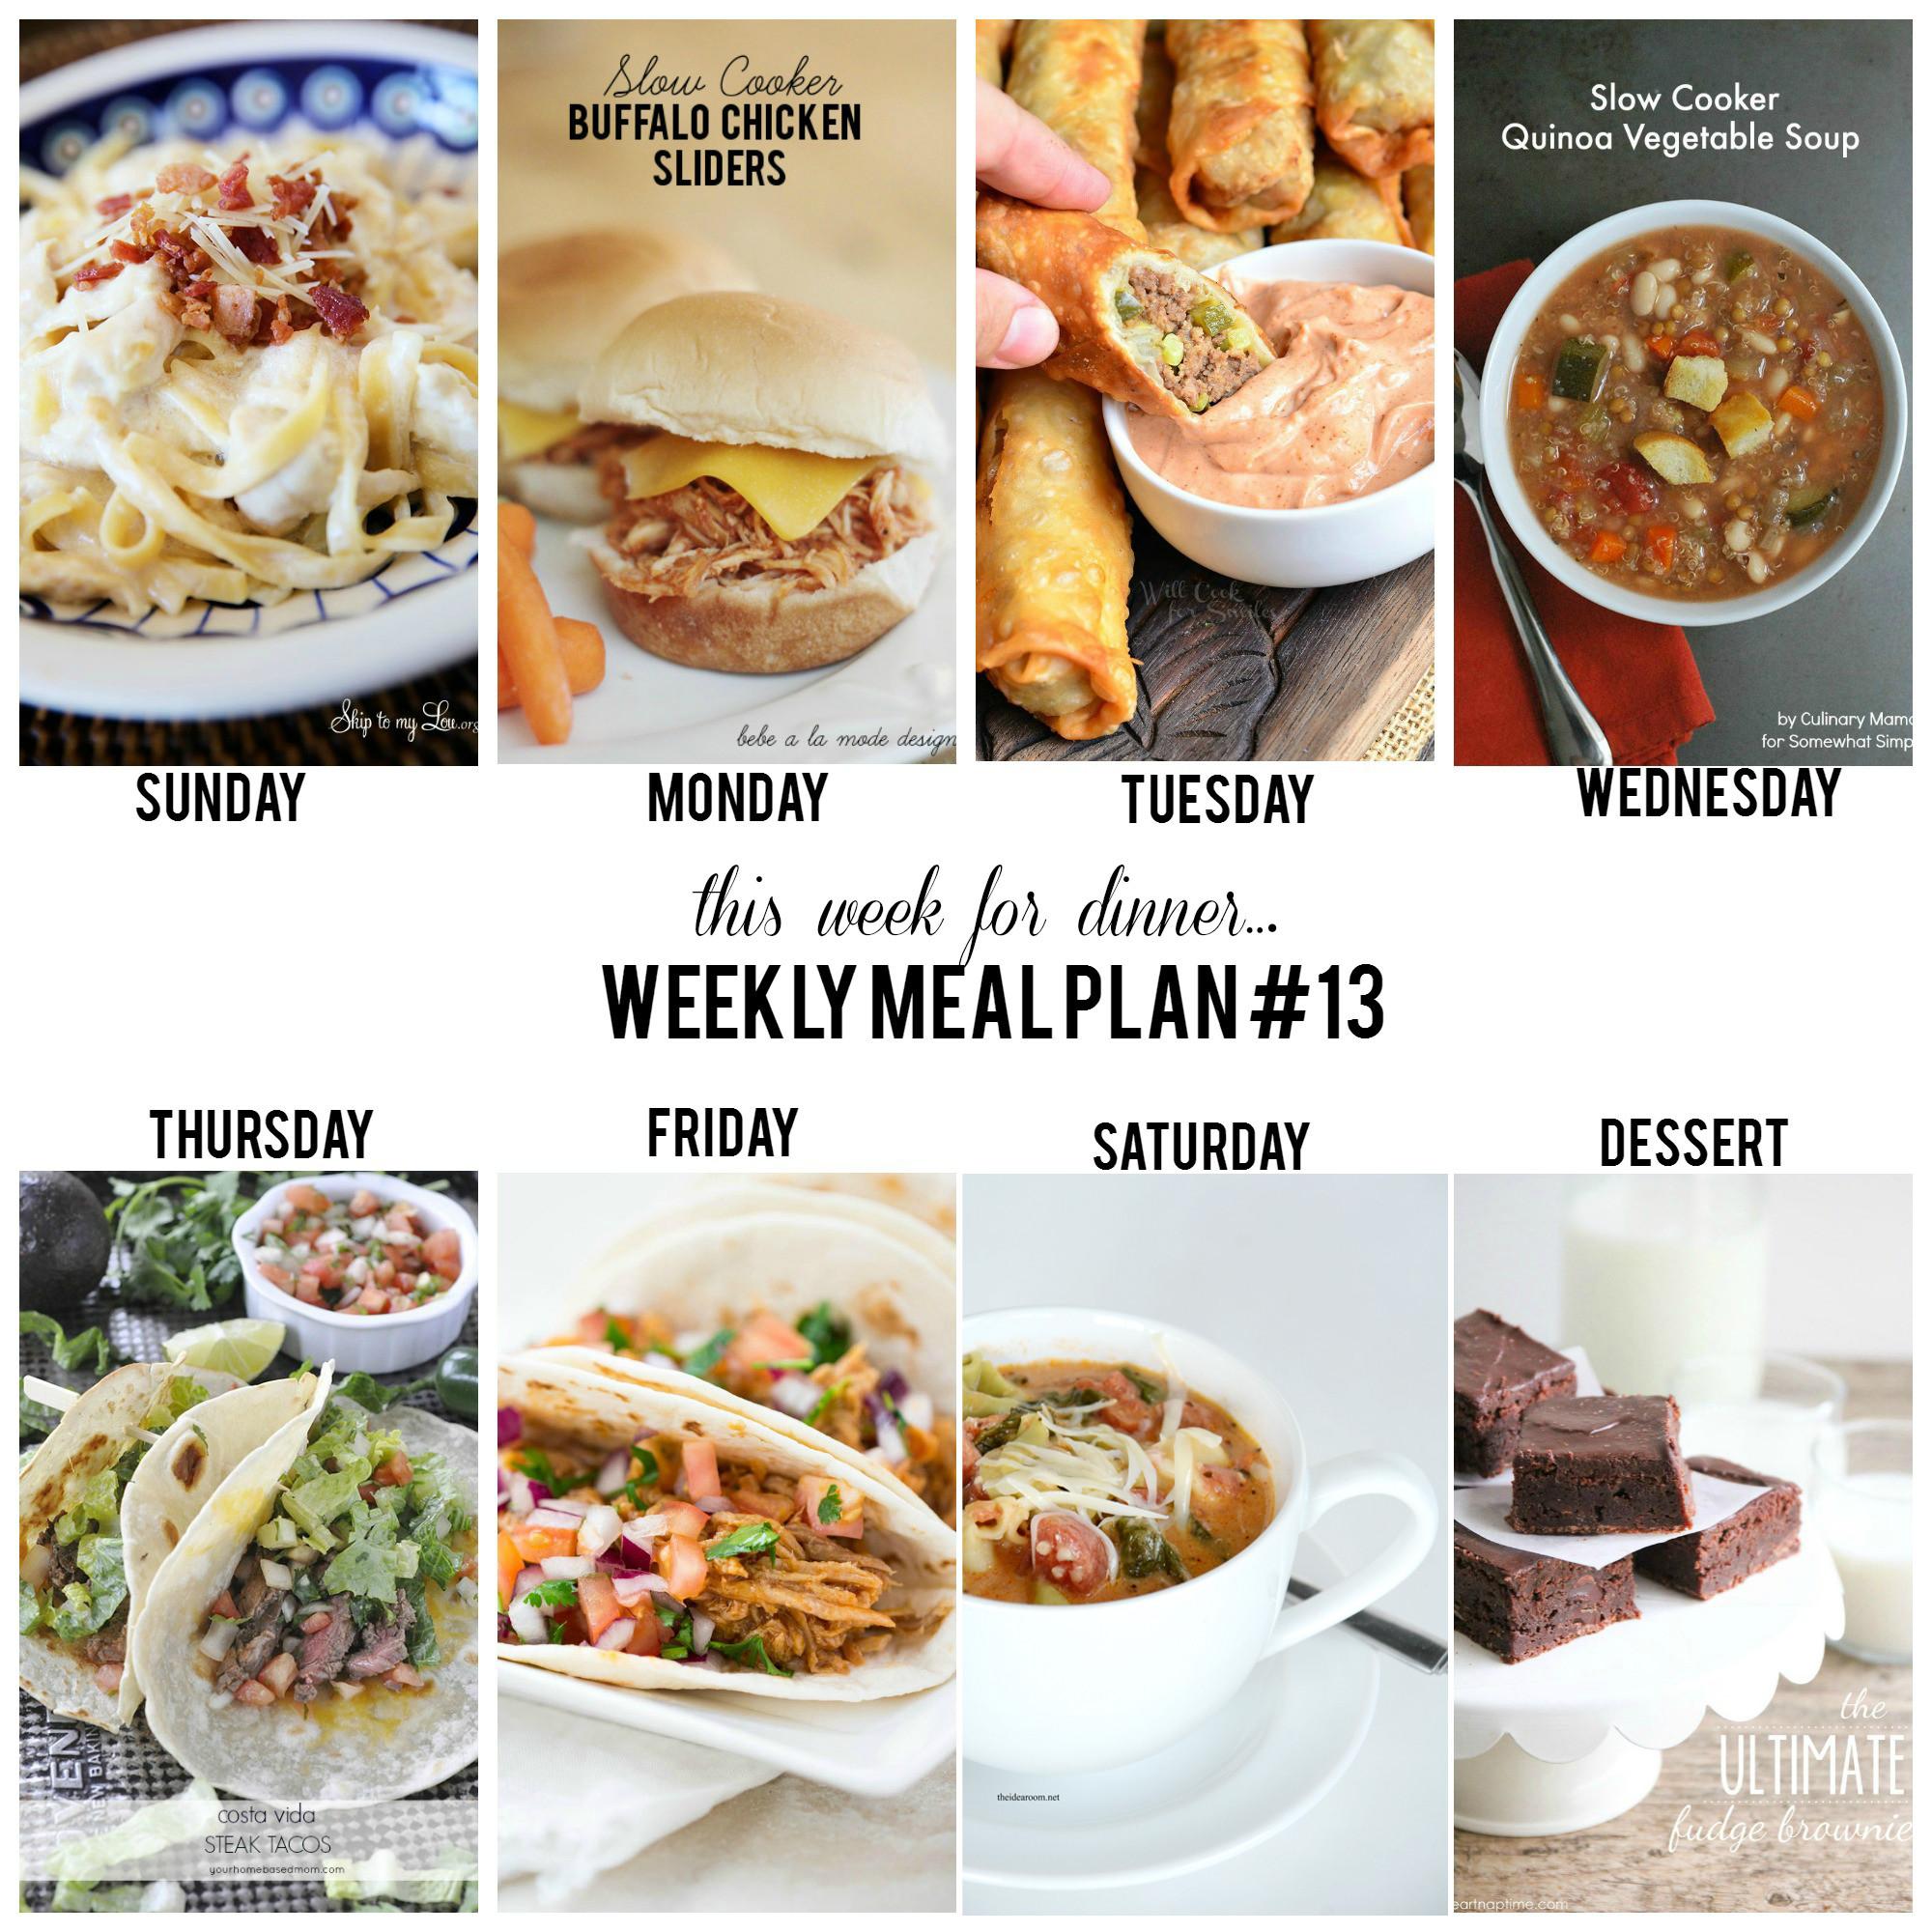 Dinner This Week  Weekly Meal Plan – Week 13 The 36th AVENUE